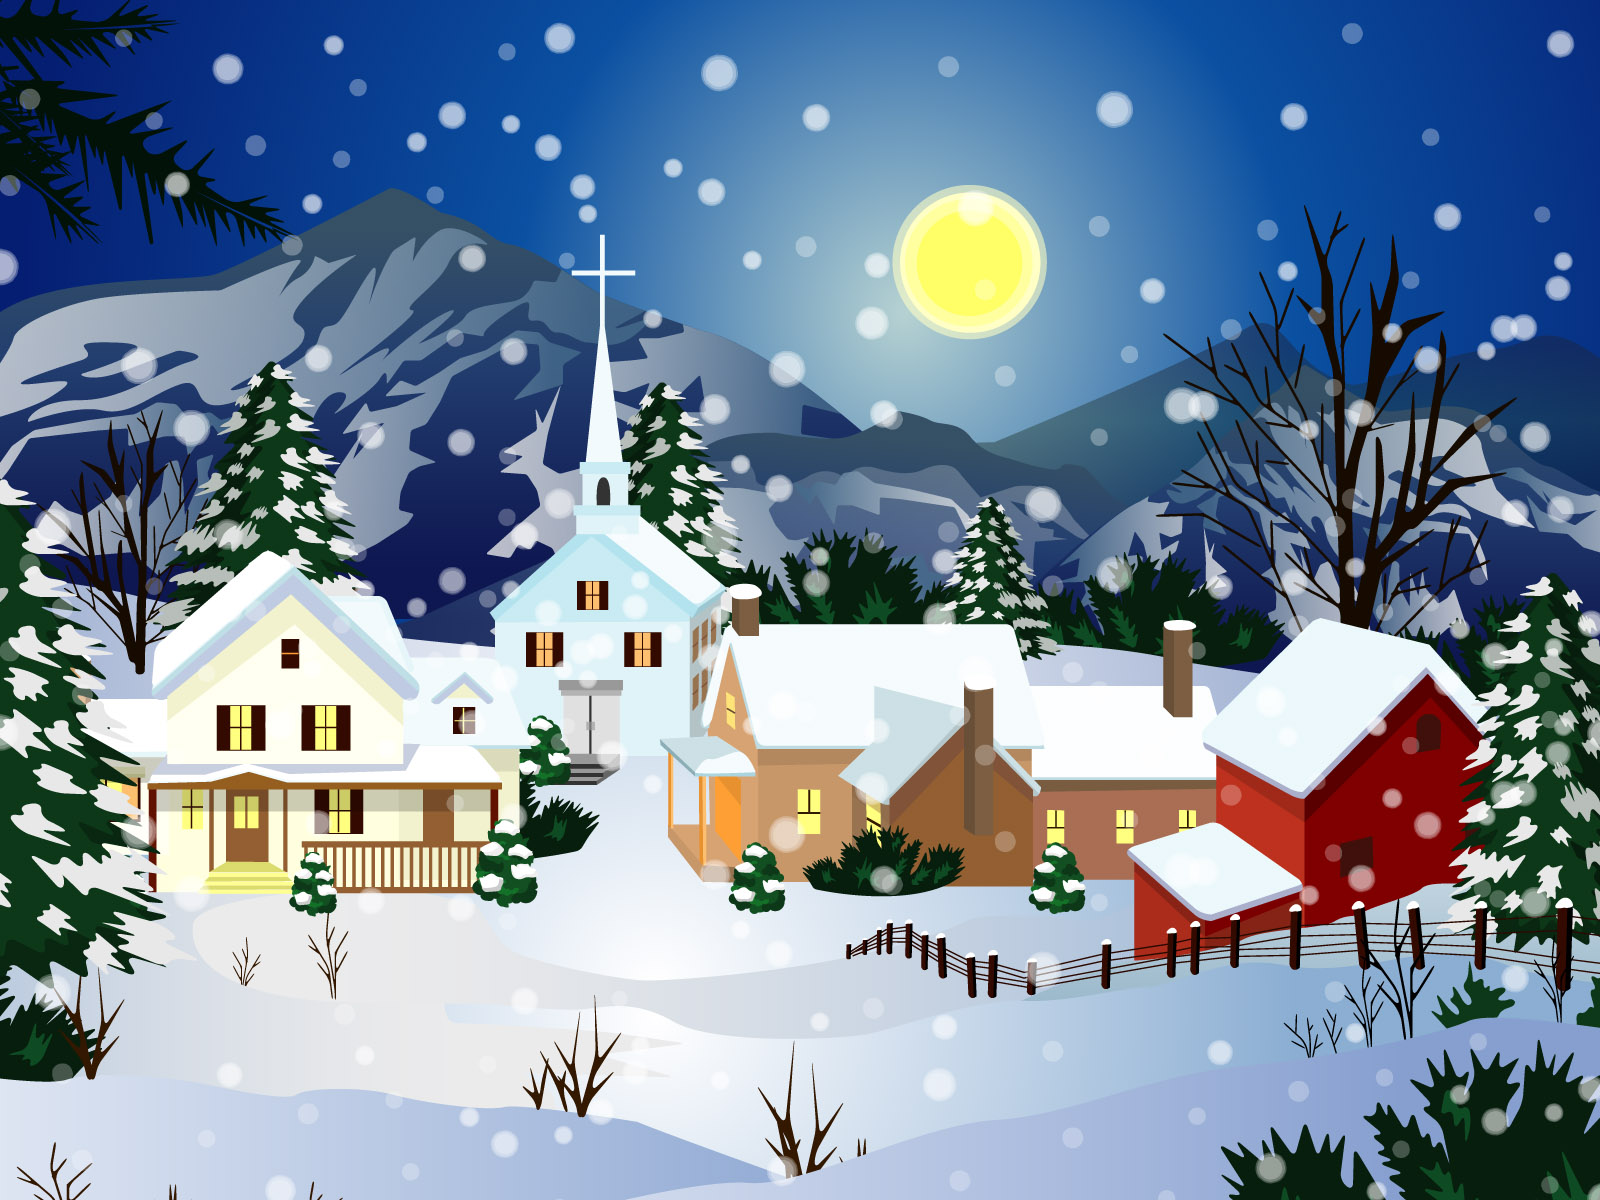 http://1.bp.blogspot.com/-xsvCIY5-Jg4/Tvdc2mVRpPI/AAAAAAAAJ_I/ZpULK9vi8n0/s1600/christmas-wallpaper-115.jpg